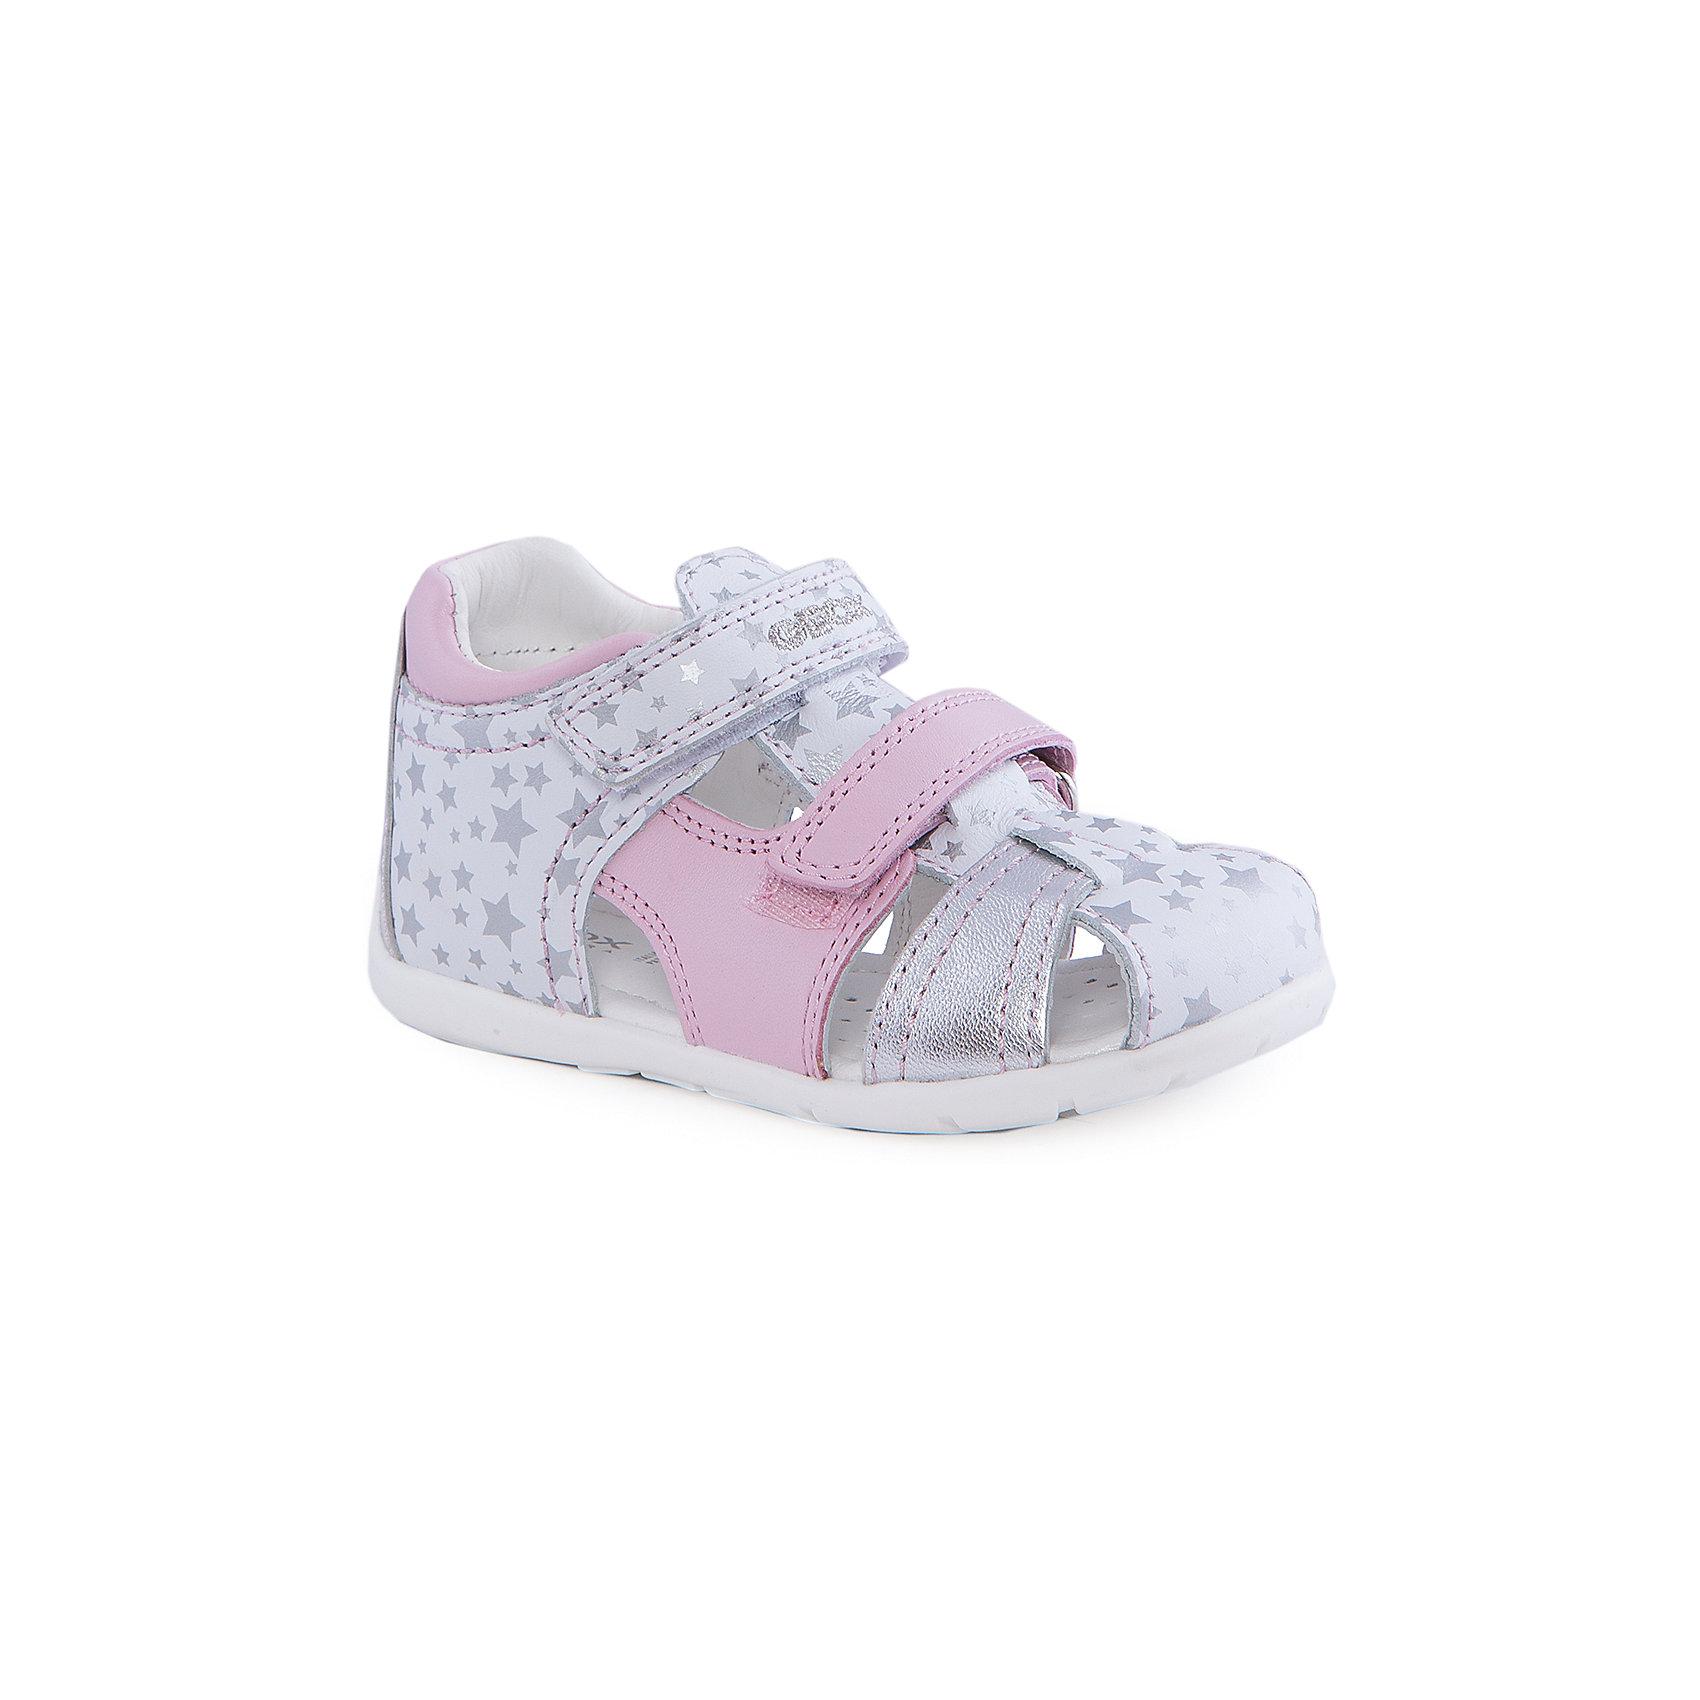 Босоножки для девочки GEOXБосоножки для девочки от популярной марки GEOX (Геокс).<br><br>Легкие босоножки - отличная обувь для нового весенне-летнего сезона. Модель очень стильно и оригинально смотрится.<br>Производитель обуви заботится не только о внешнем виде, но и стабильно высоком качестве продукции. GEOX (Геокс) разработал специальную дышащую подошву, которая не пропускает влагу внутрь, а также высокотехнологичную стельку.<br><br>Отличительные особенности модели:<br><br>- цвет: белый;<br>- украшены розовыми и серебристыми элементами;<br>- гибкая водоотталкивающая подошва с дышащей мембраной;<br>- мягкий и легкий верх;<br>- защита пальцев;<br>- стильный дизайн;<br>- застежки-липучки;<br>- комфортное облегание;<br>- верх обуви и подкладка сделаны без использования хрома.<br><br>Дополнительная информация:<br><br>- Состав:<br><br>материал верха: натуральная кожа<br>материал подкладки: натуральная кожа<br>подошва: полимерный материал<br><br>Босоножки для девочки GEOX (Геокс) (Геокс) можно купить в нашем магазине.<br><br>Ширина мм: 262<br>Глубина мм: 176<br>Высота мм: 97<br>Вес г: 427<br>Цвет: белый<br>Возраст от месяцев: 12<br>Возраст до месяцев: 15<br>Пол: Женский<br>Возраст: Детский<br>Размер: 21,25,22,23,24<br>SKU: 4519212